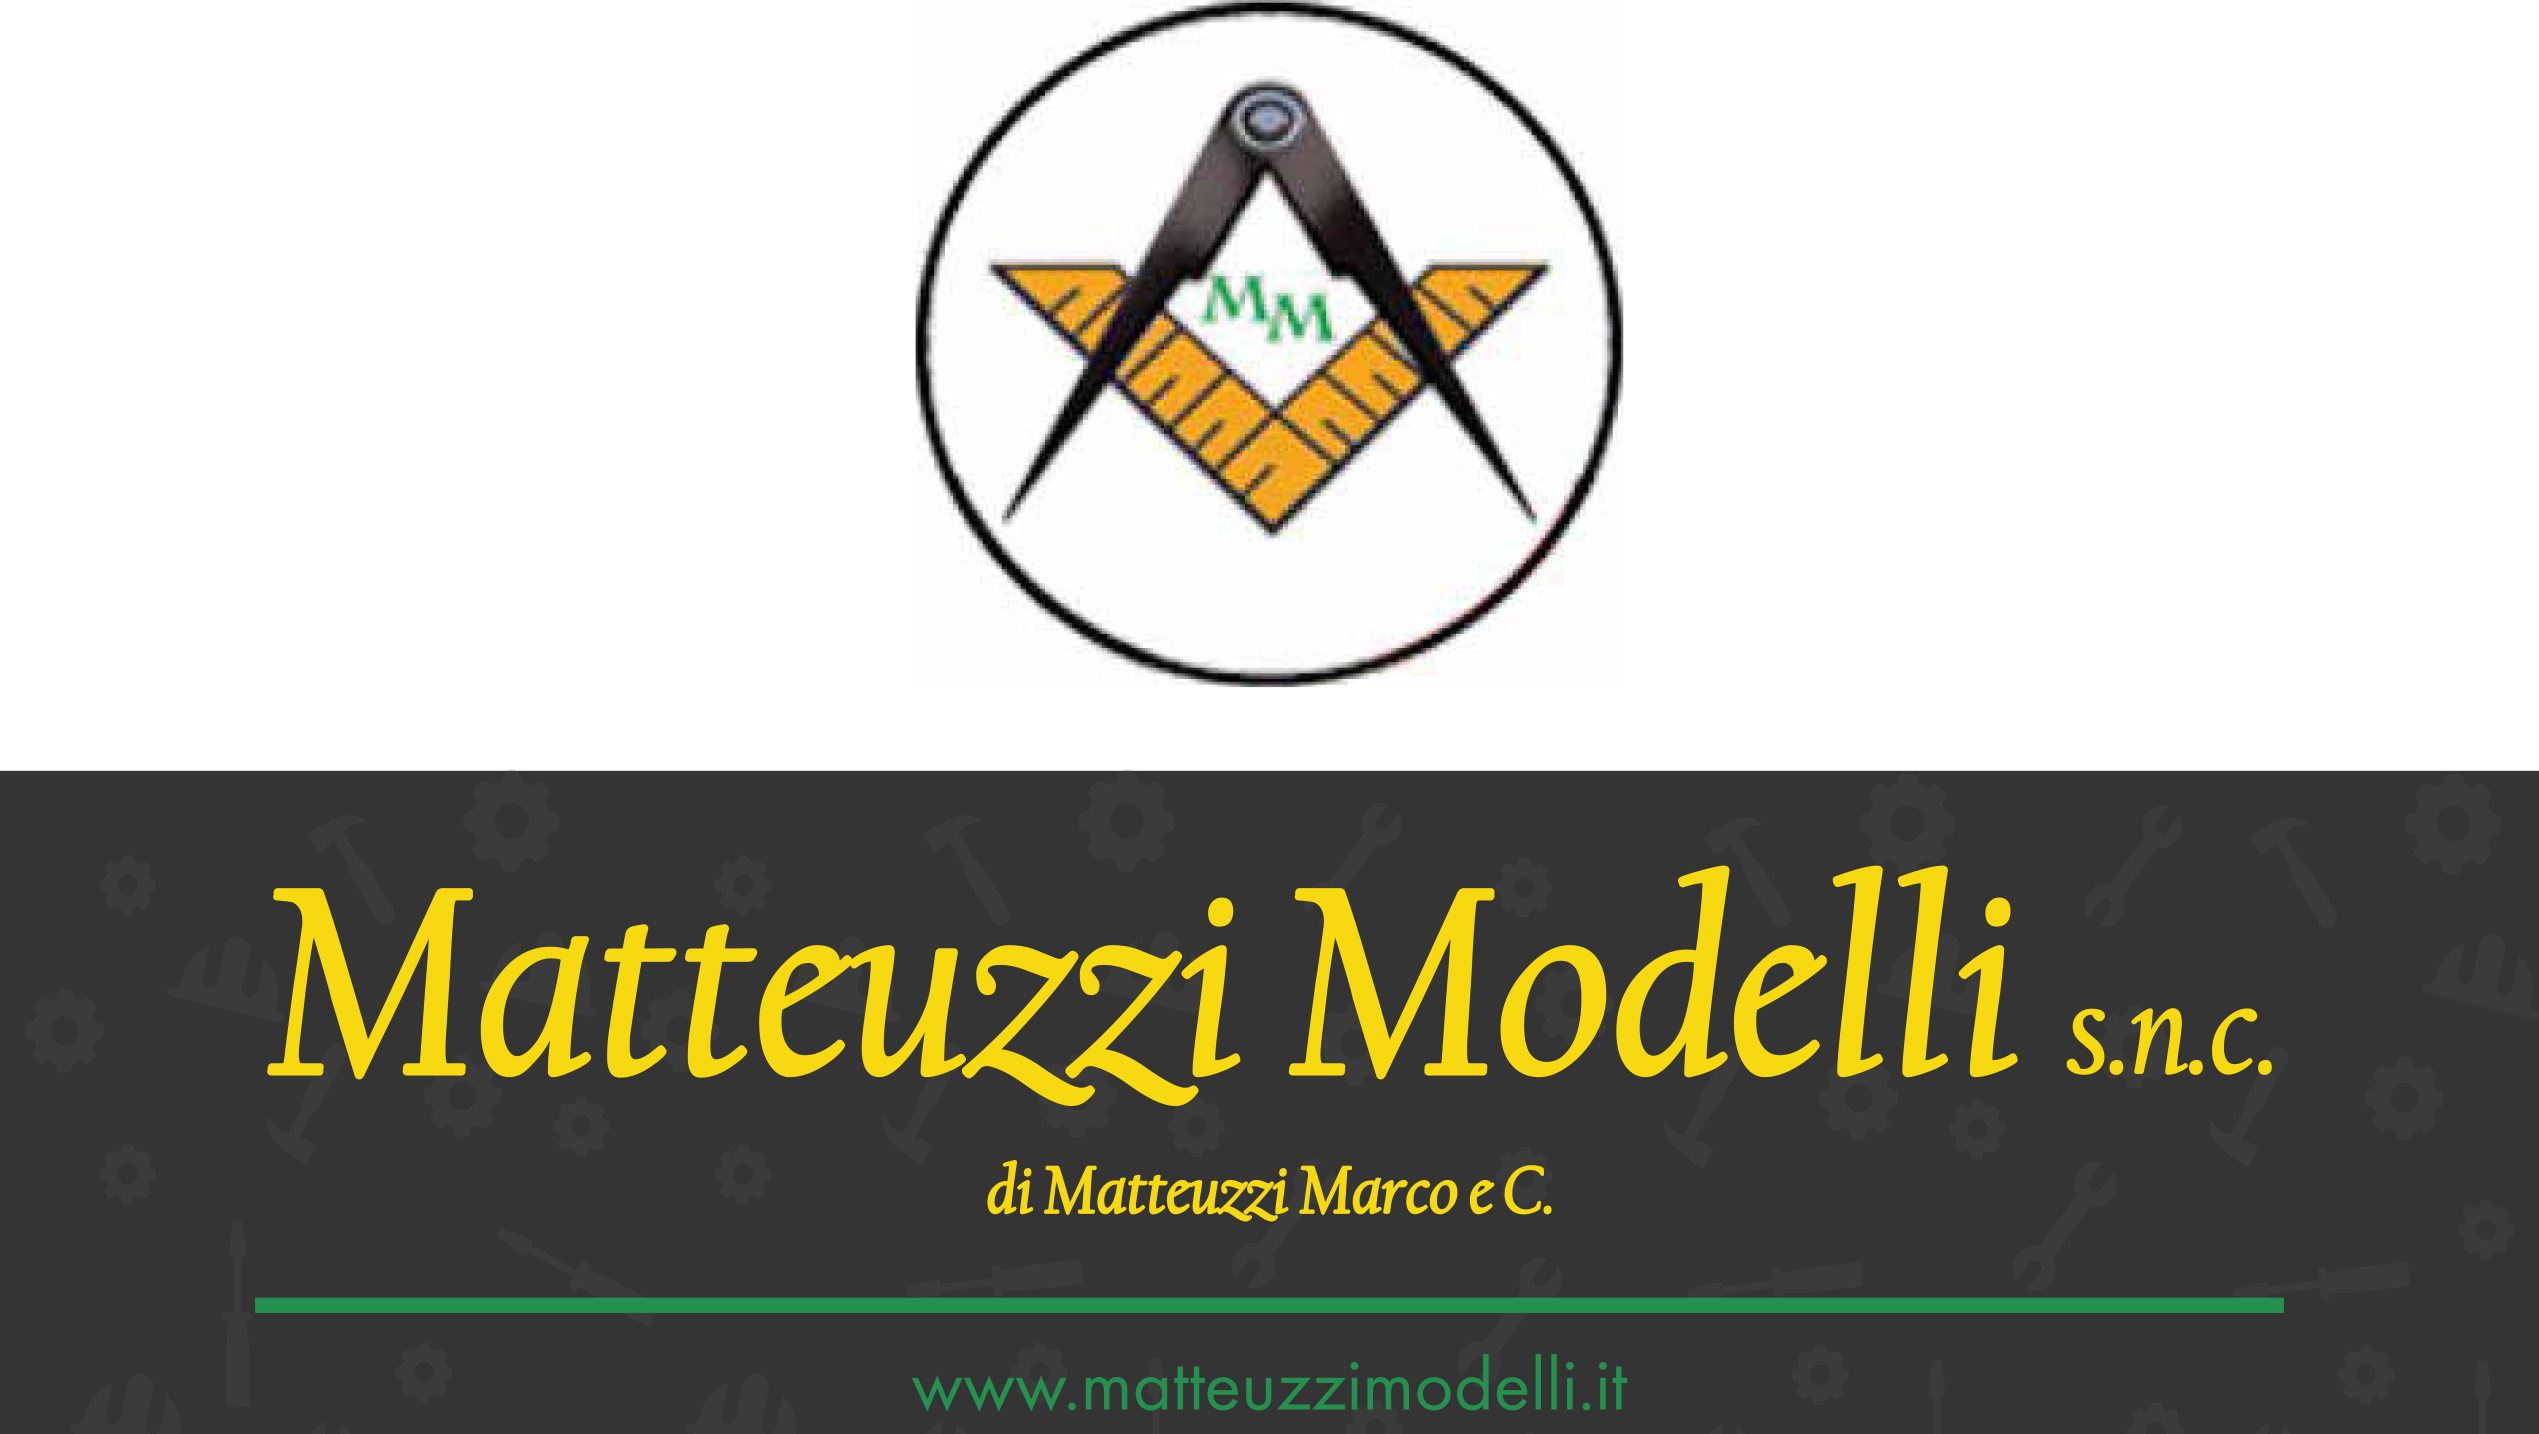 Matteuzzi Modelli